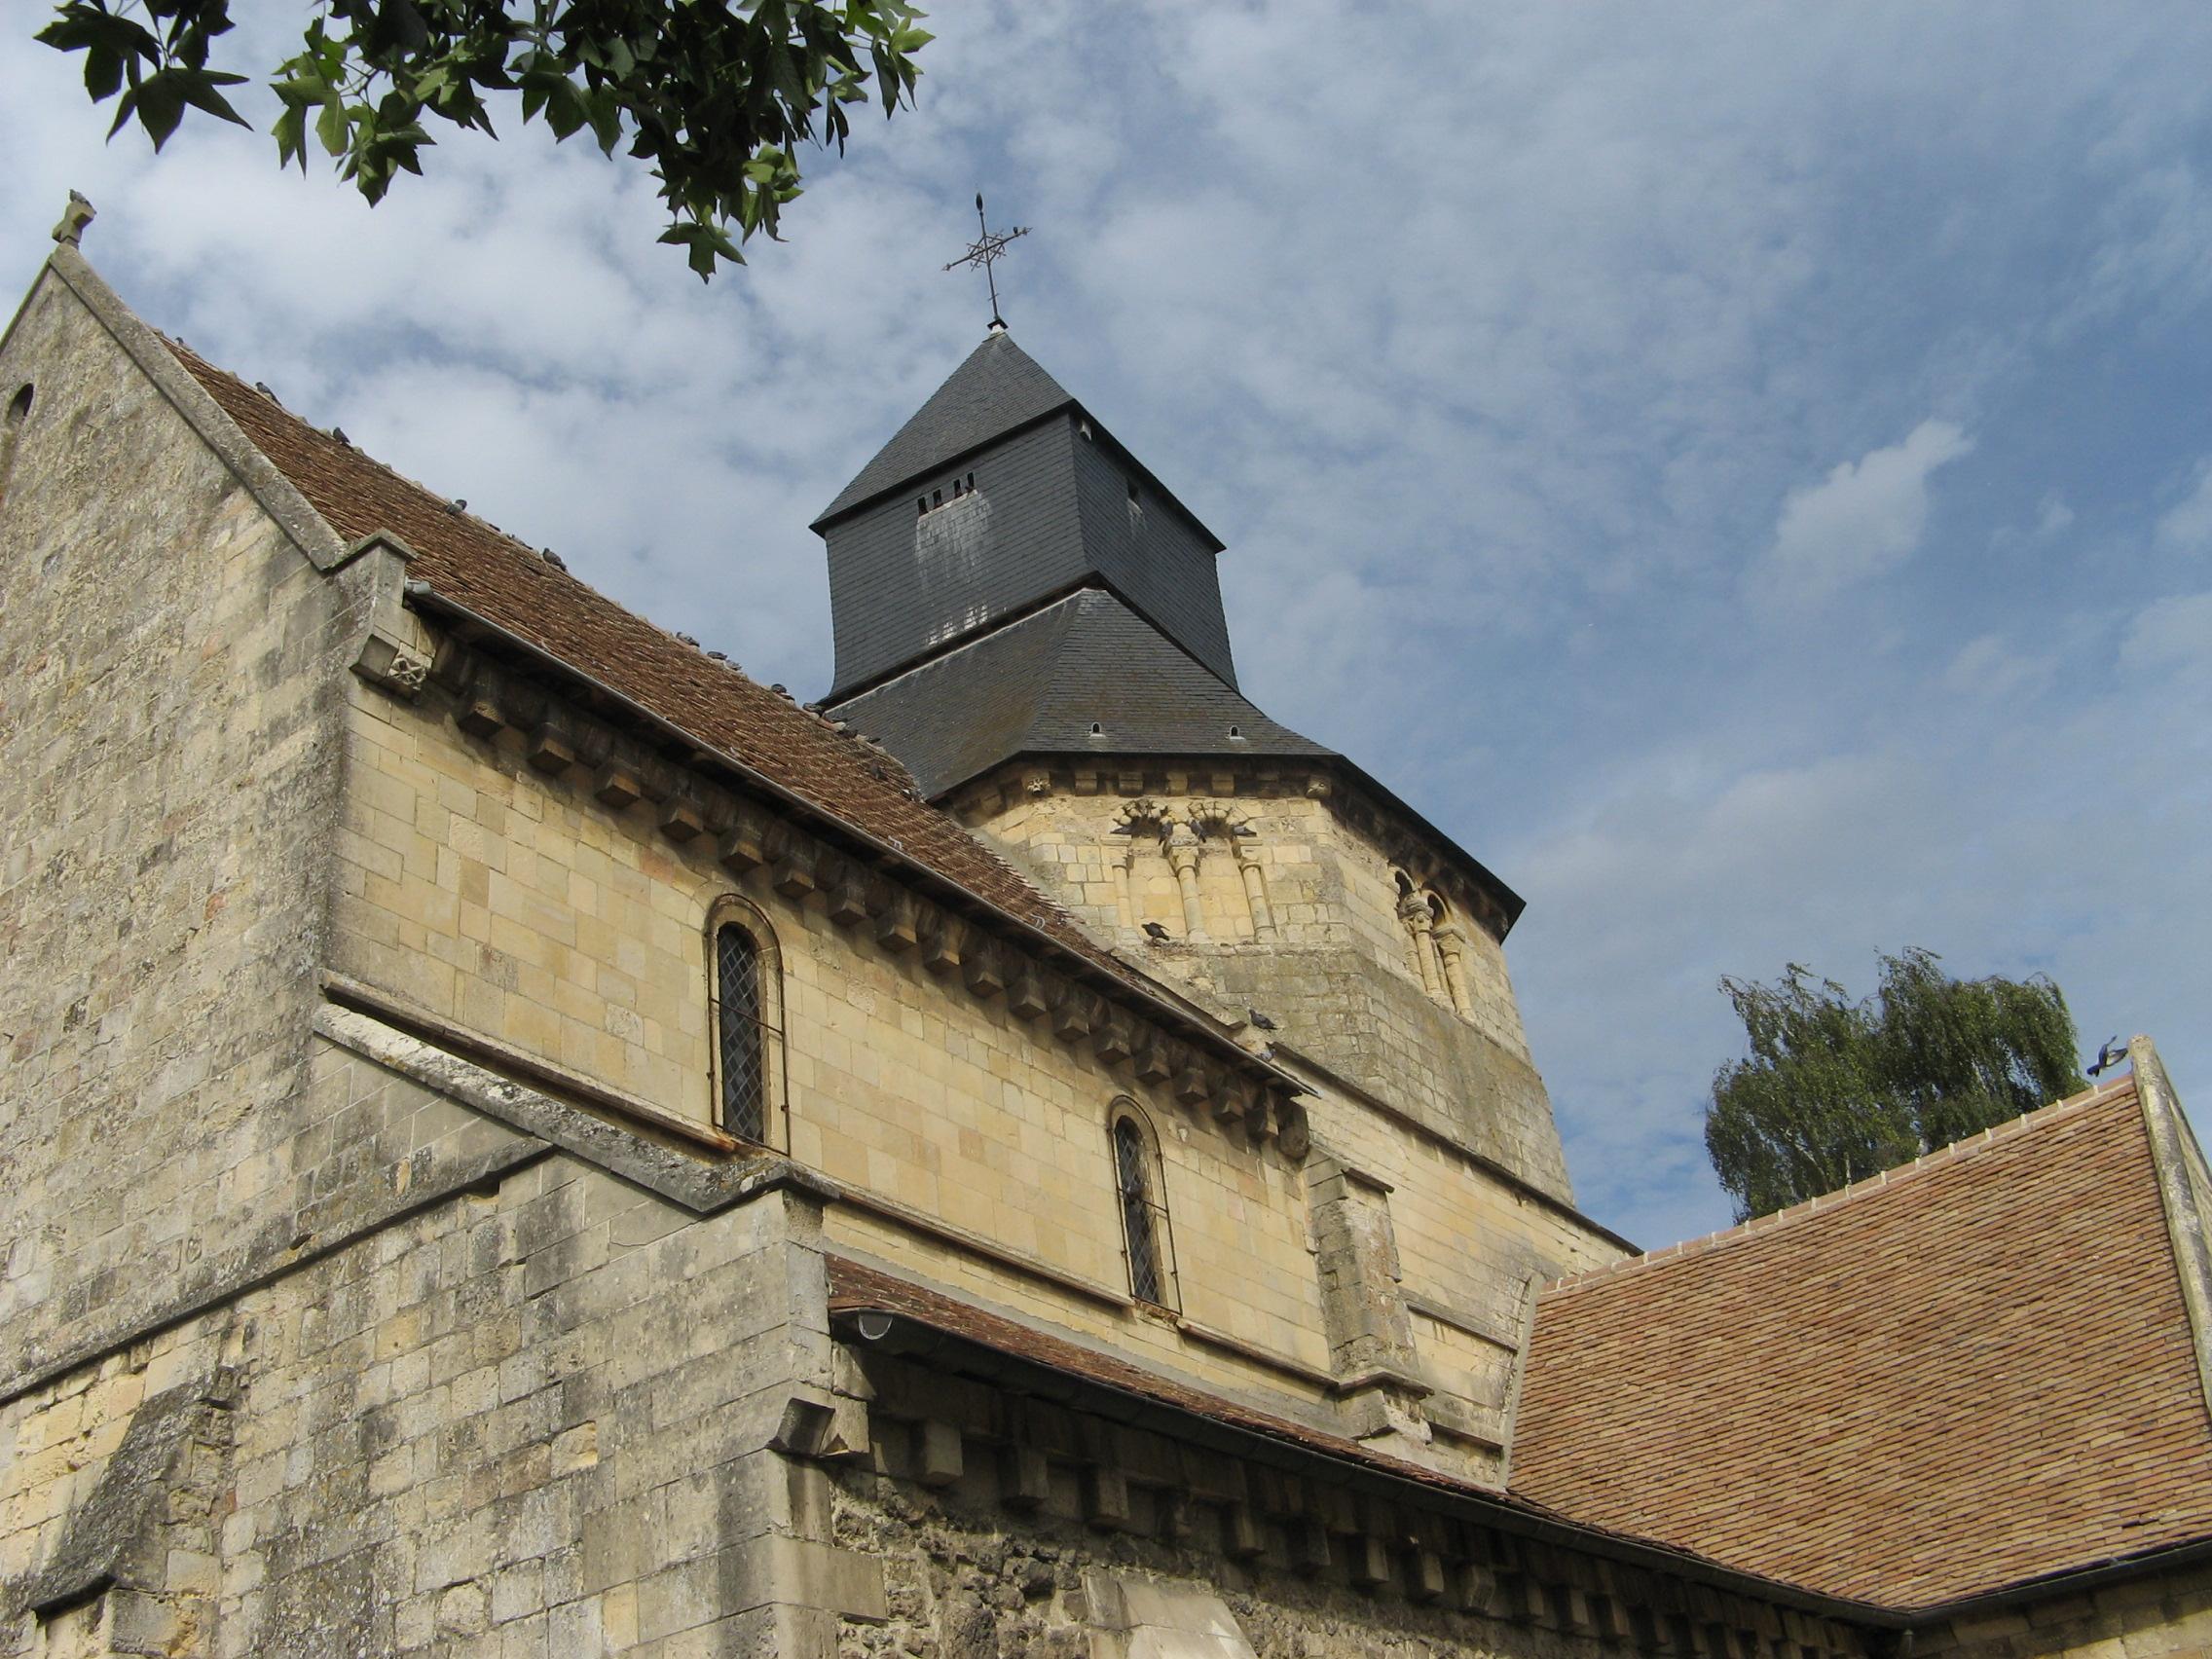 Touques France  City pictures : Église St Pierre de Touques